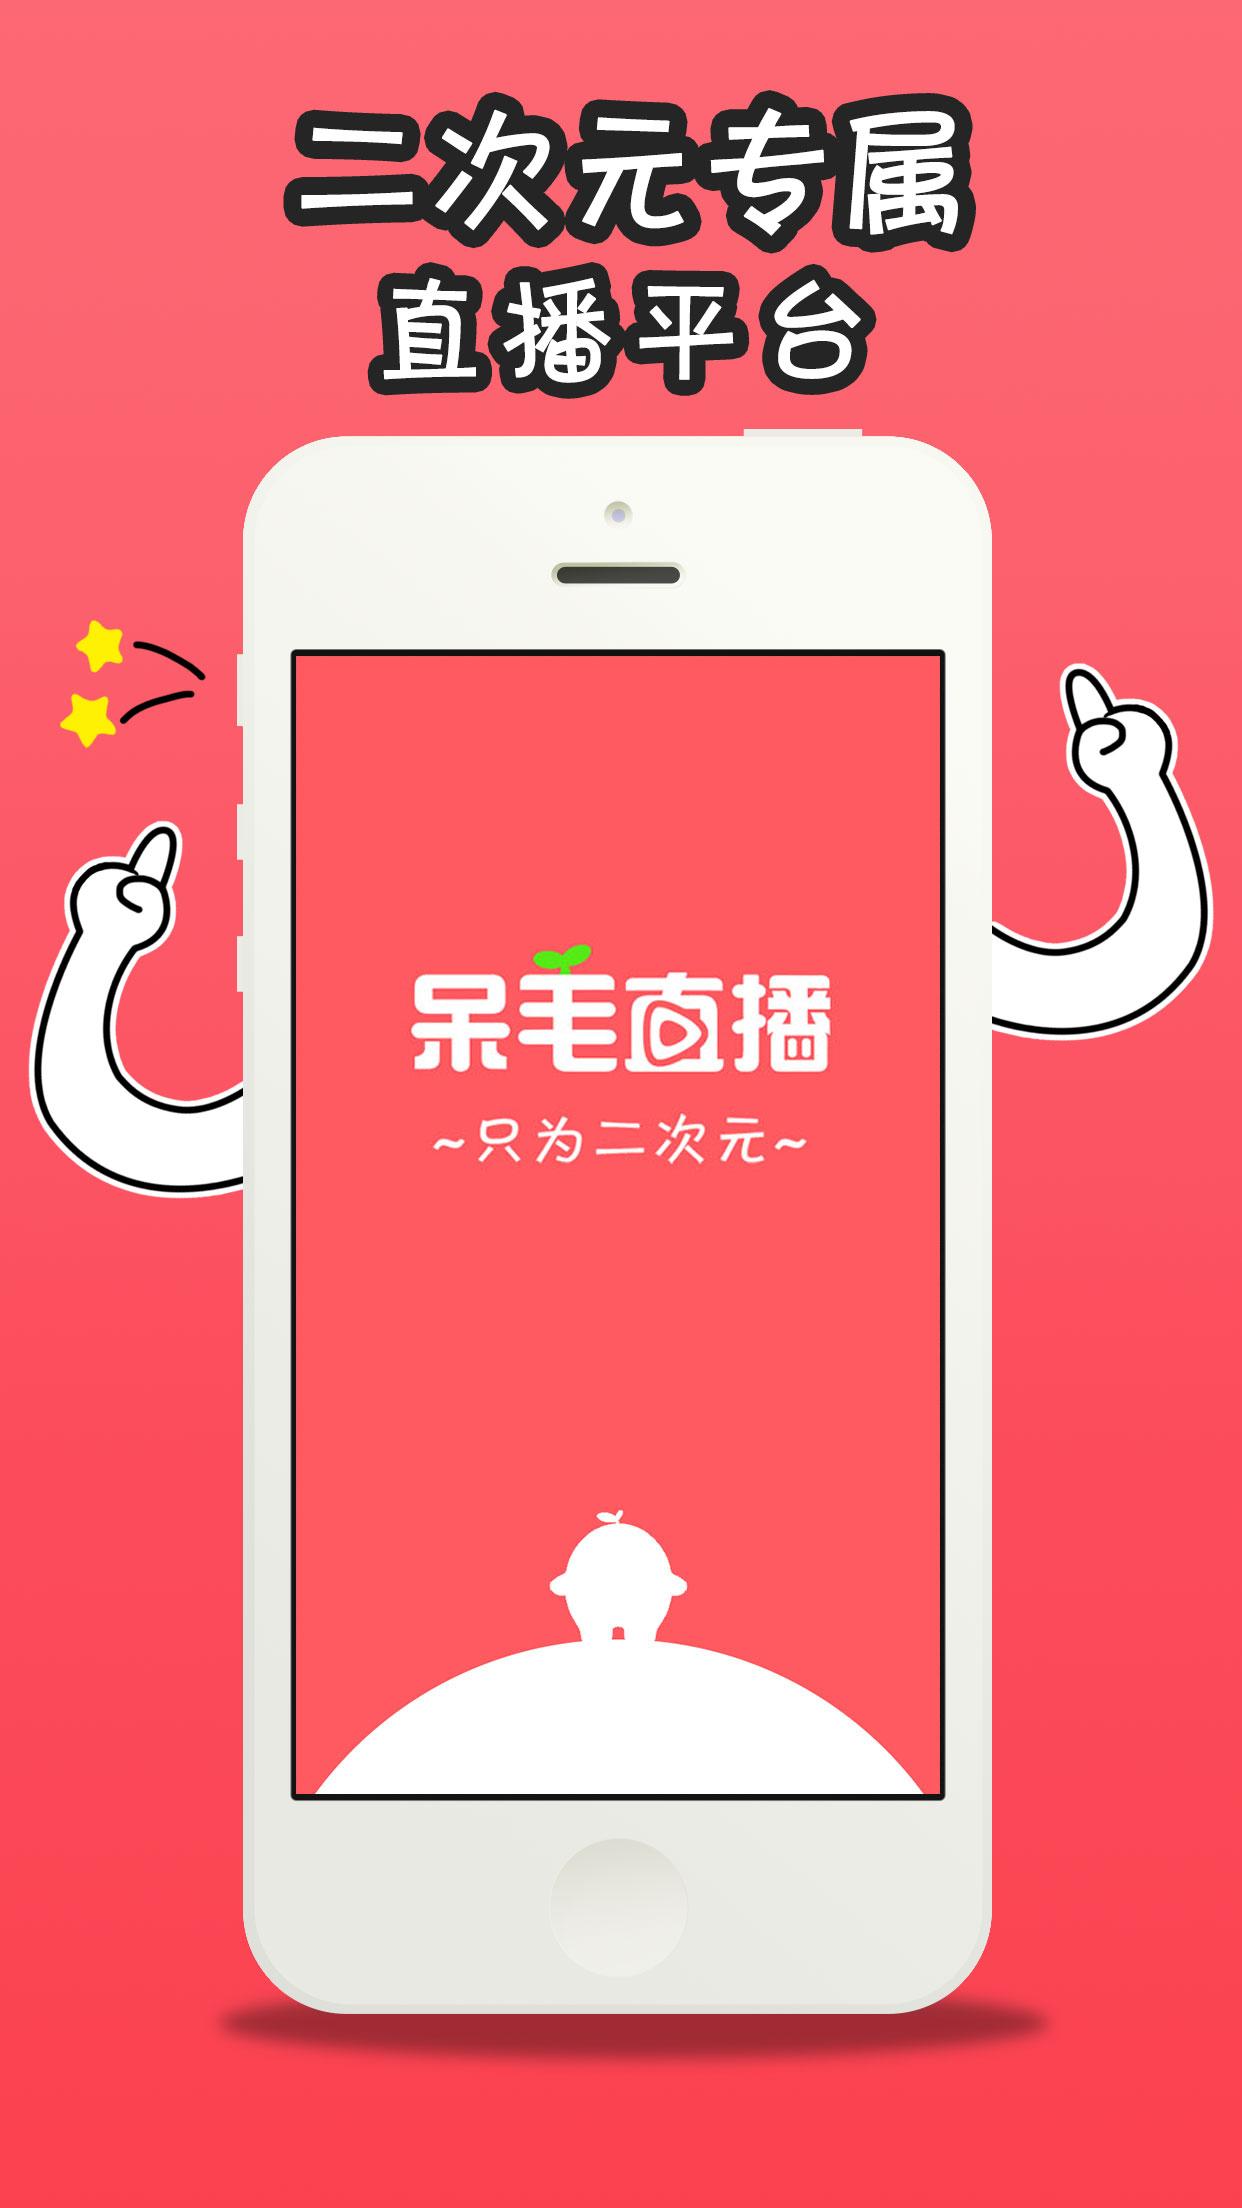 《蜀山傳奇App》官方網站  手機最強仙俠修真RPG傳奇,在你手中重現 ...